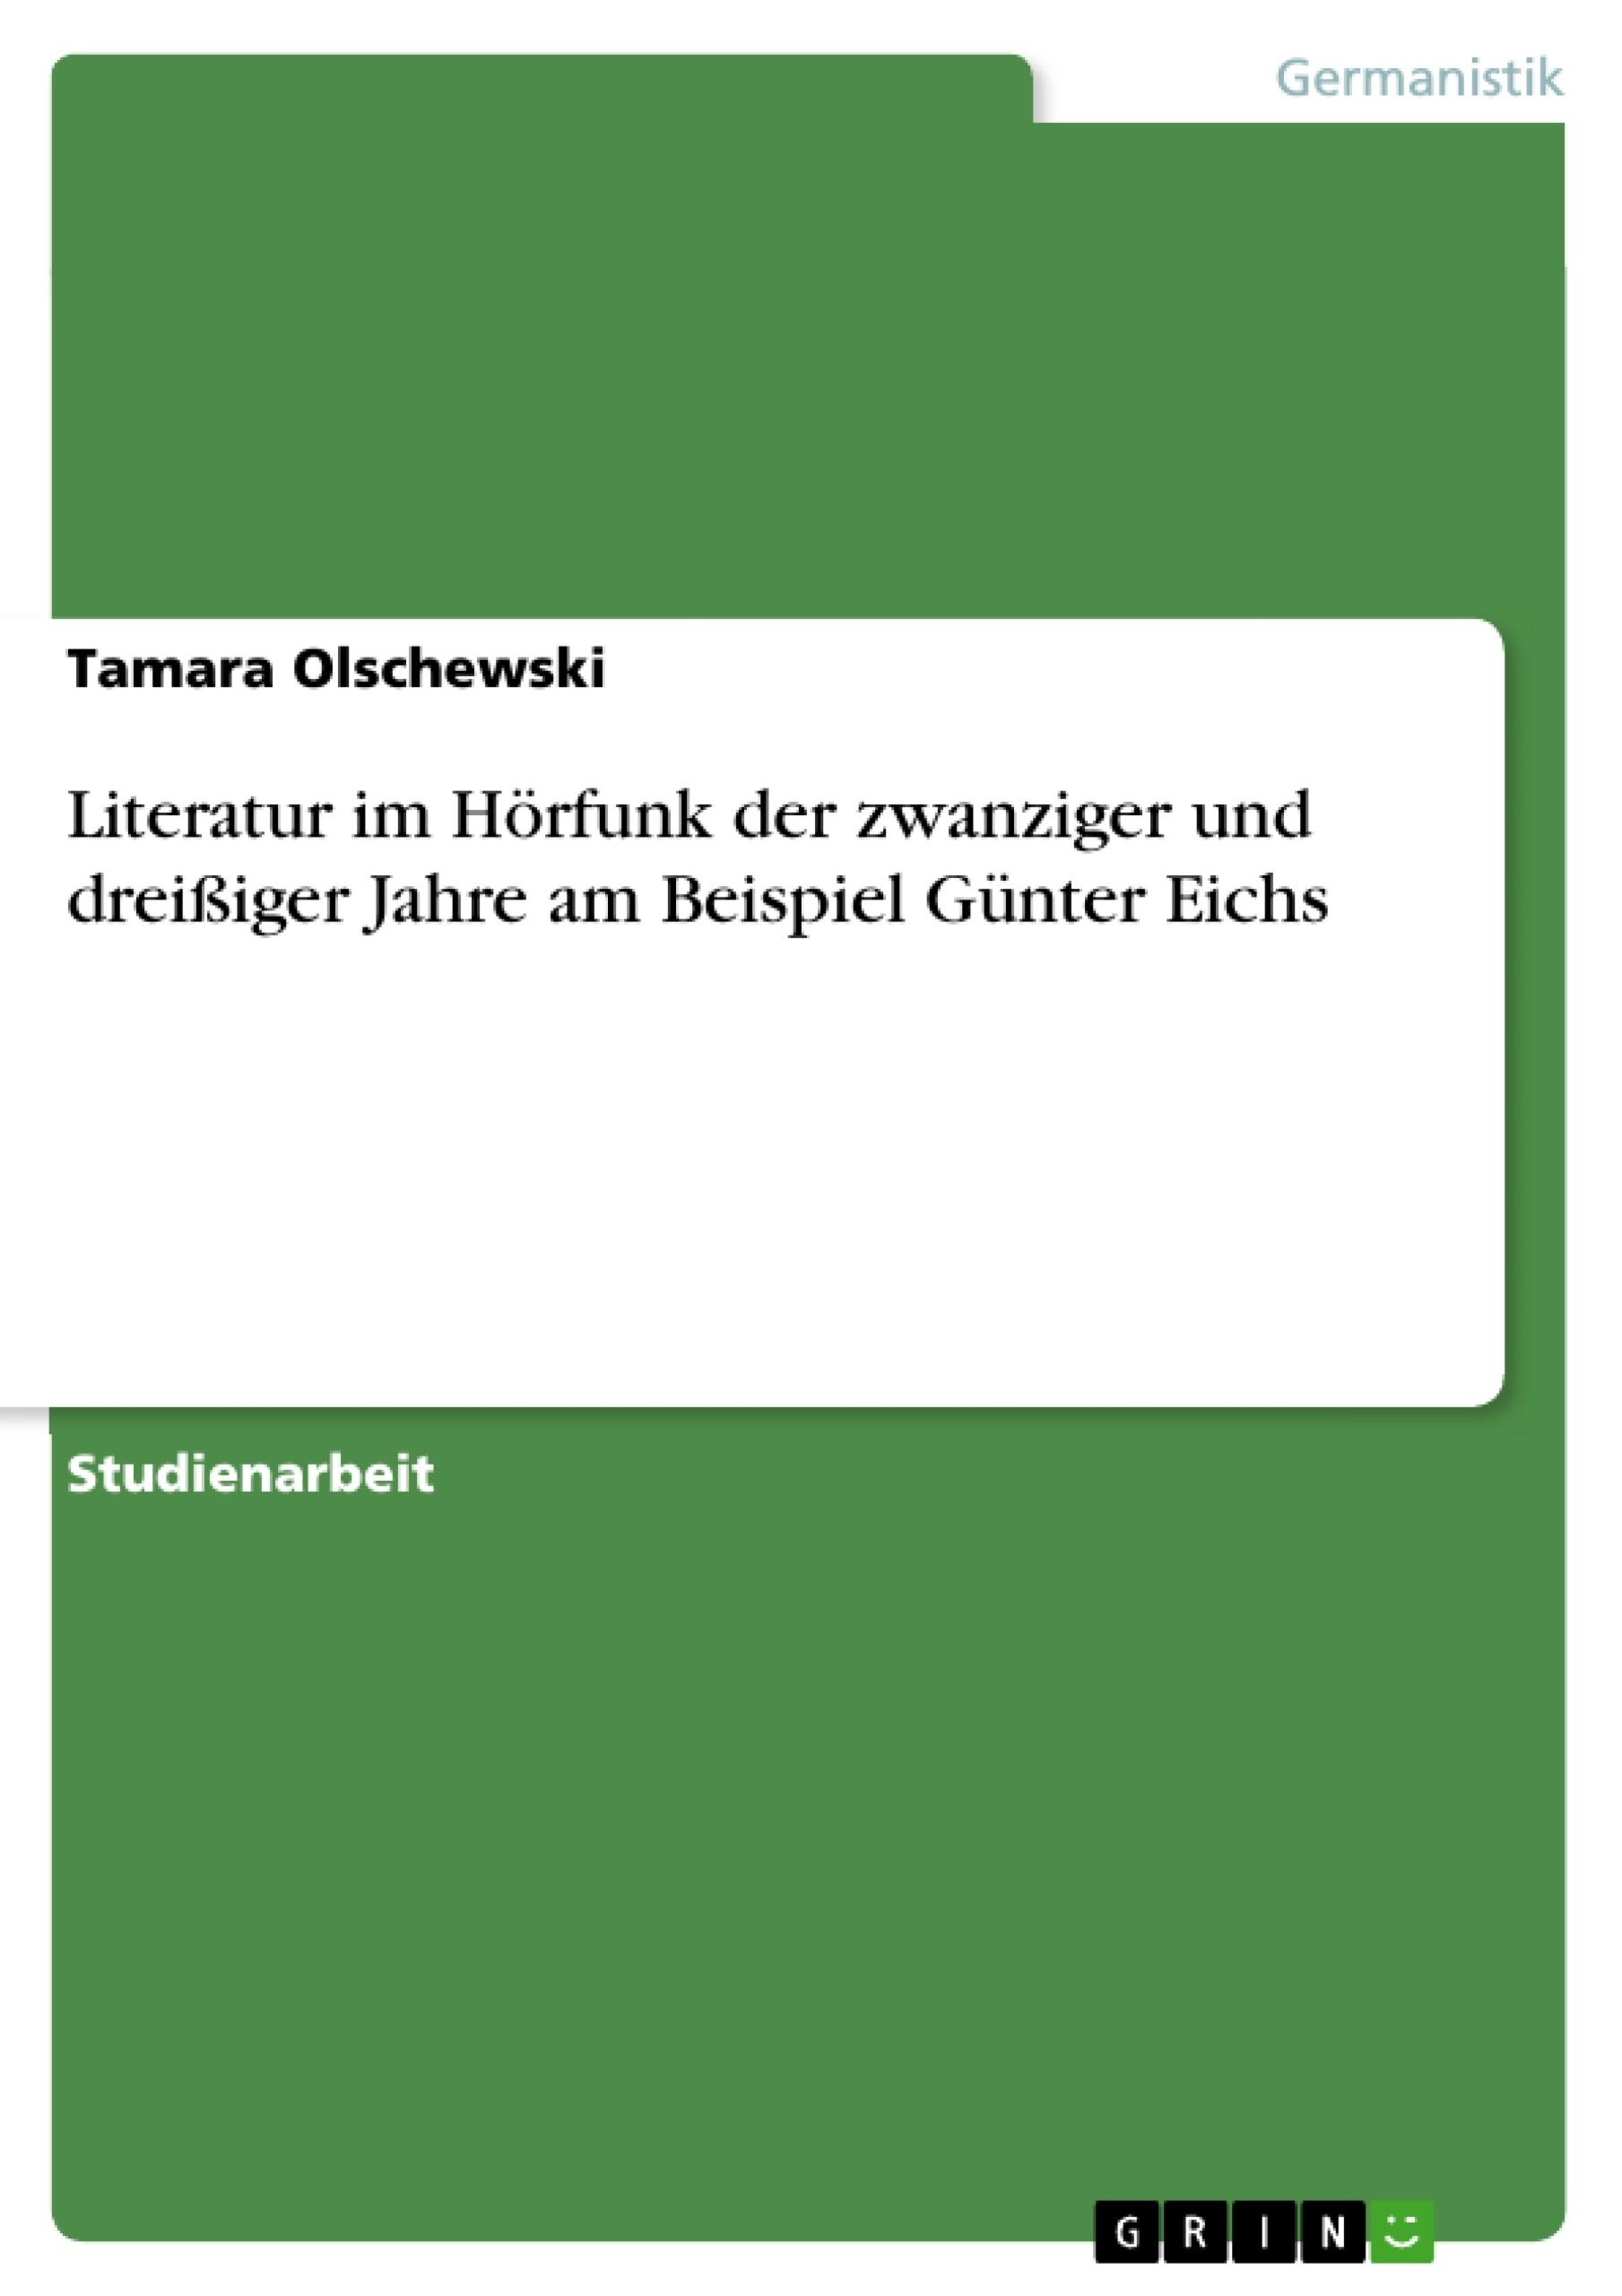 Titel: Literatur im Hörfunk der zwanziger und dreißiger Jahre am Beispiel Günter Eichs